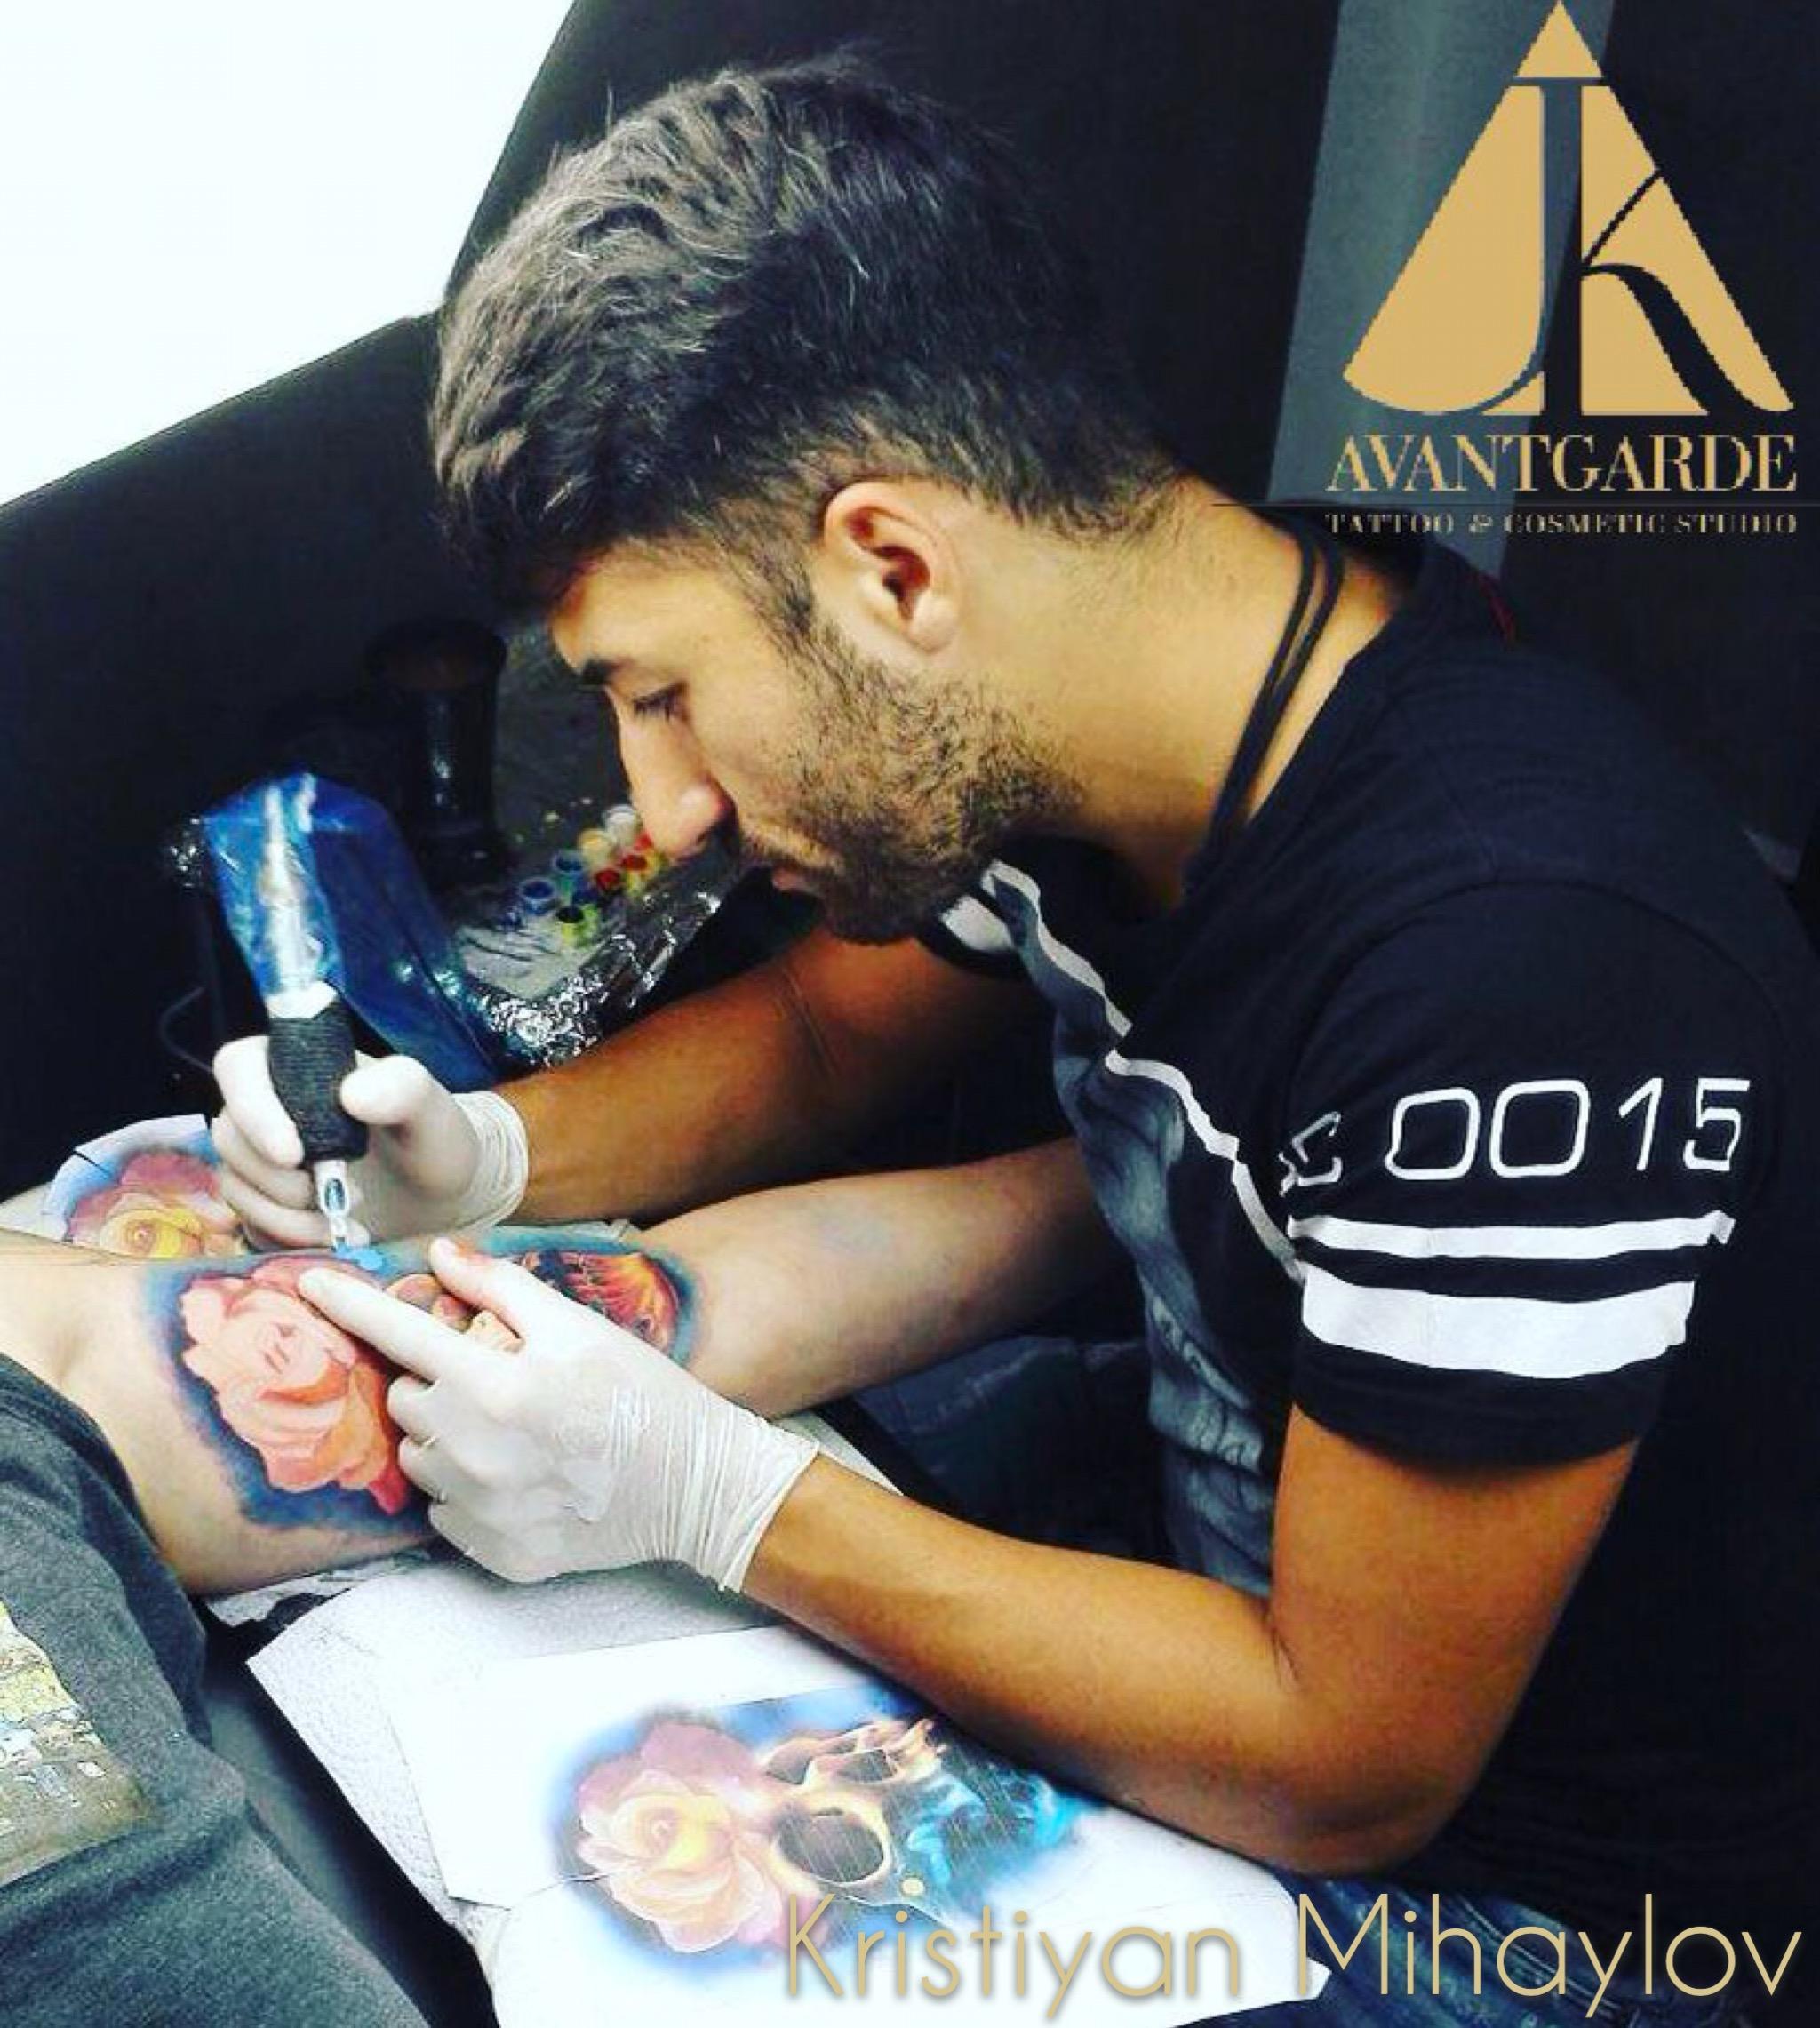 Tattoo Artist Kristiyan Mihaylov Munich